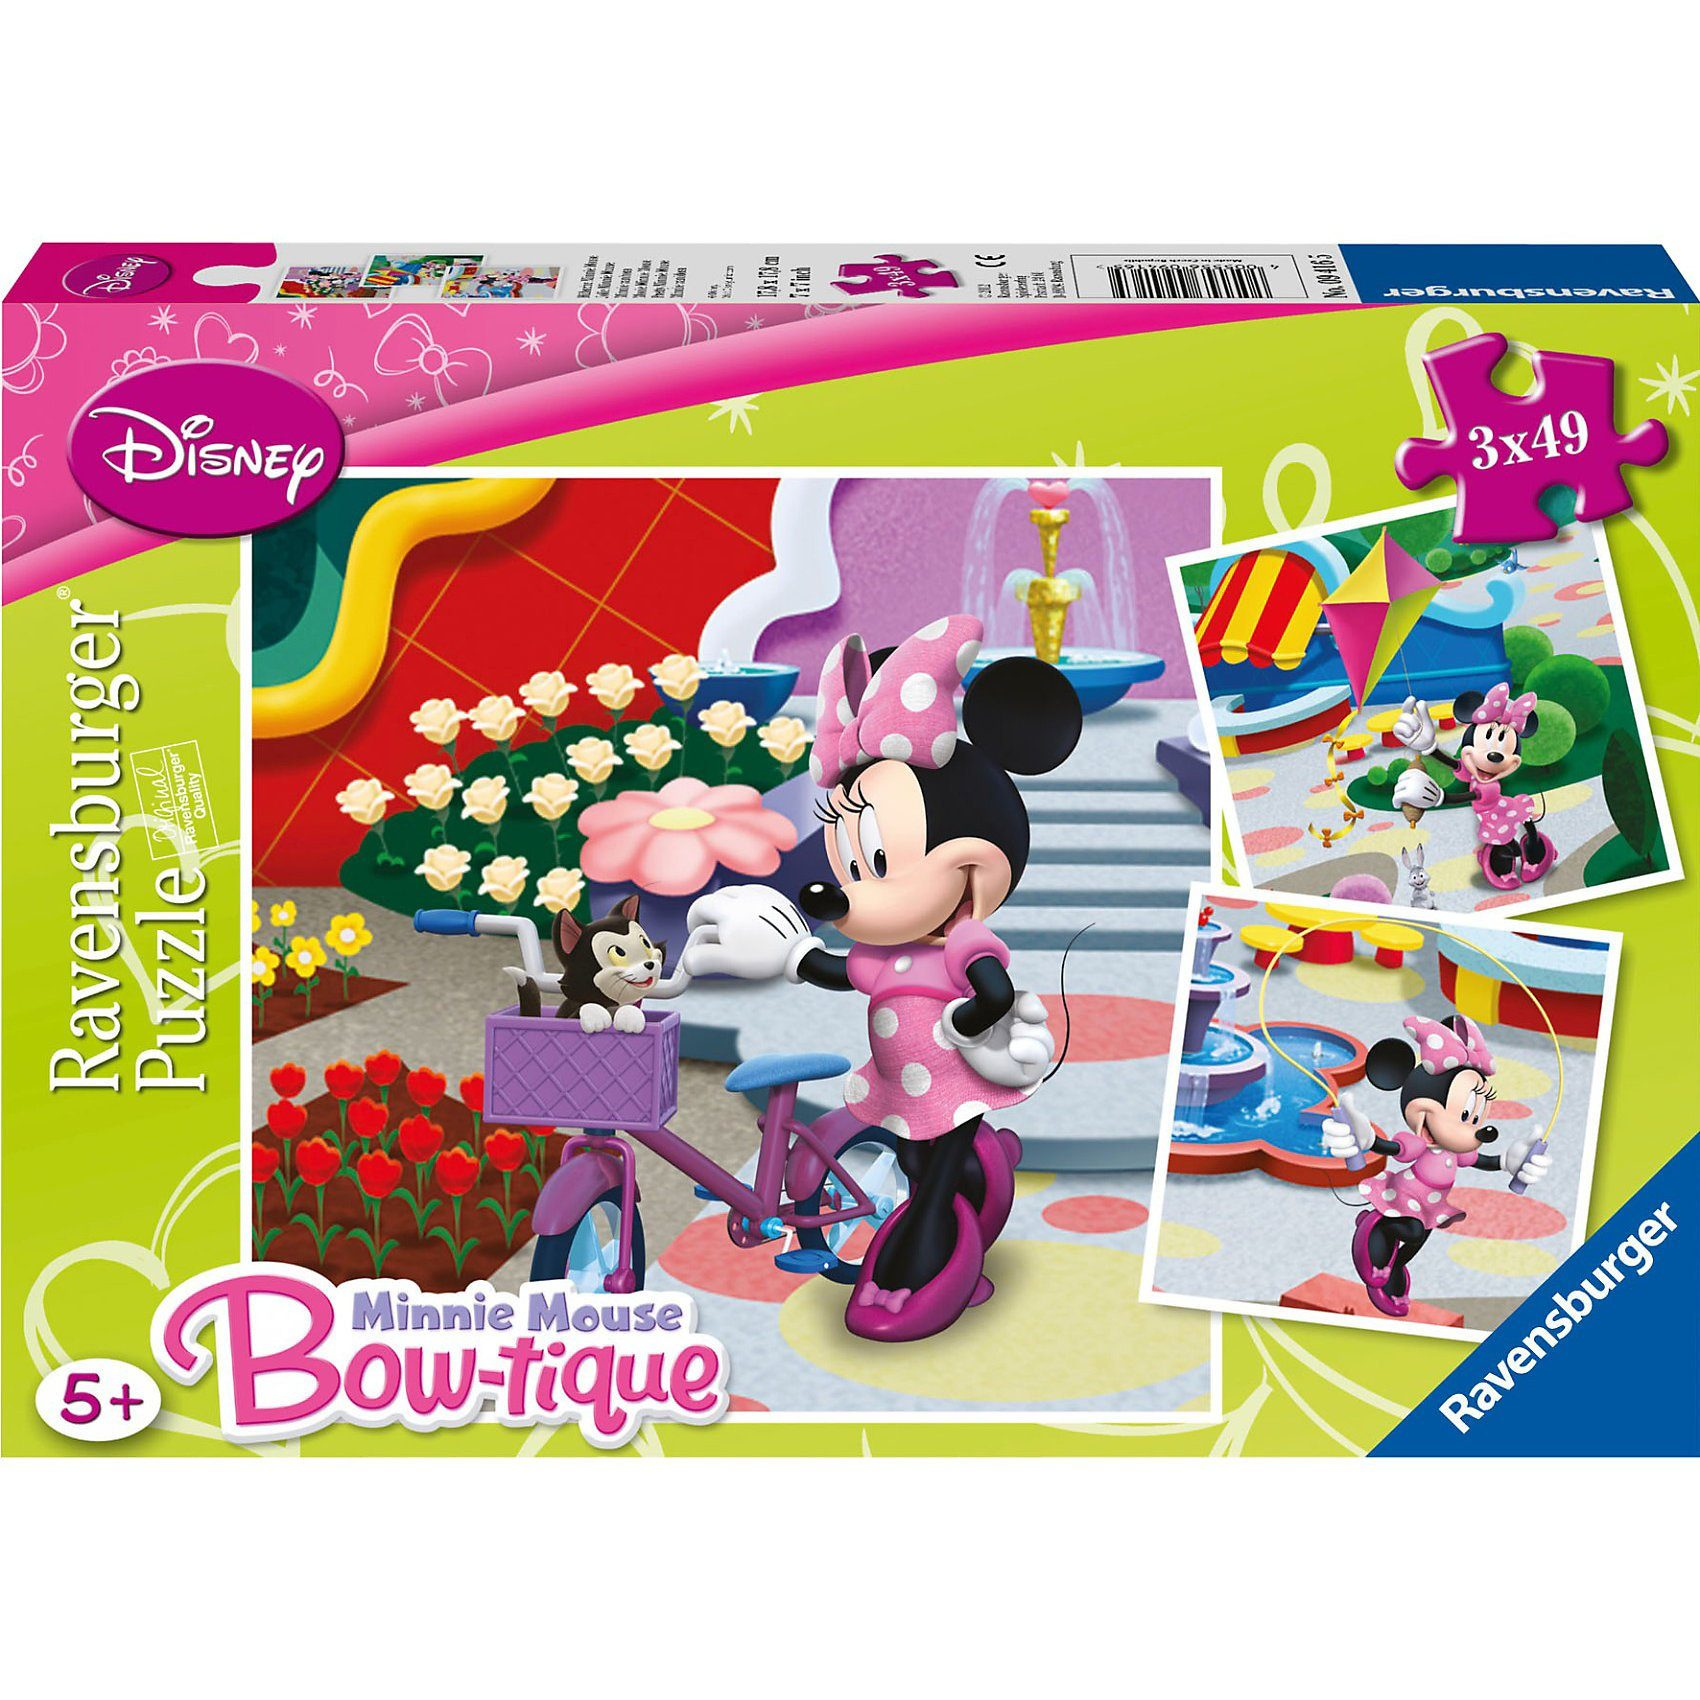 Ravensburger Puzzle Hübsche Minnie Mouse 3x49 Teile